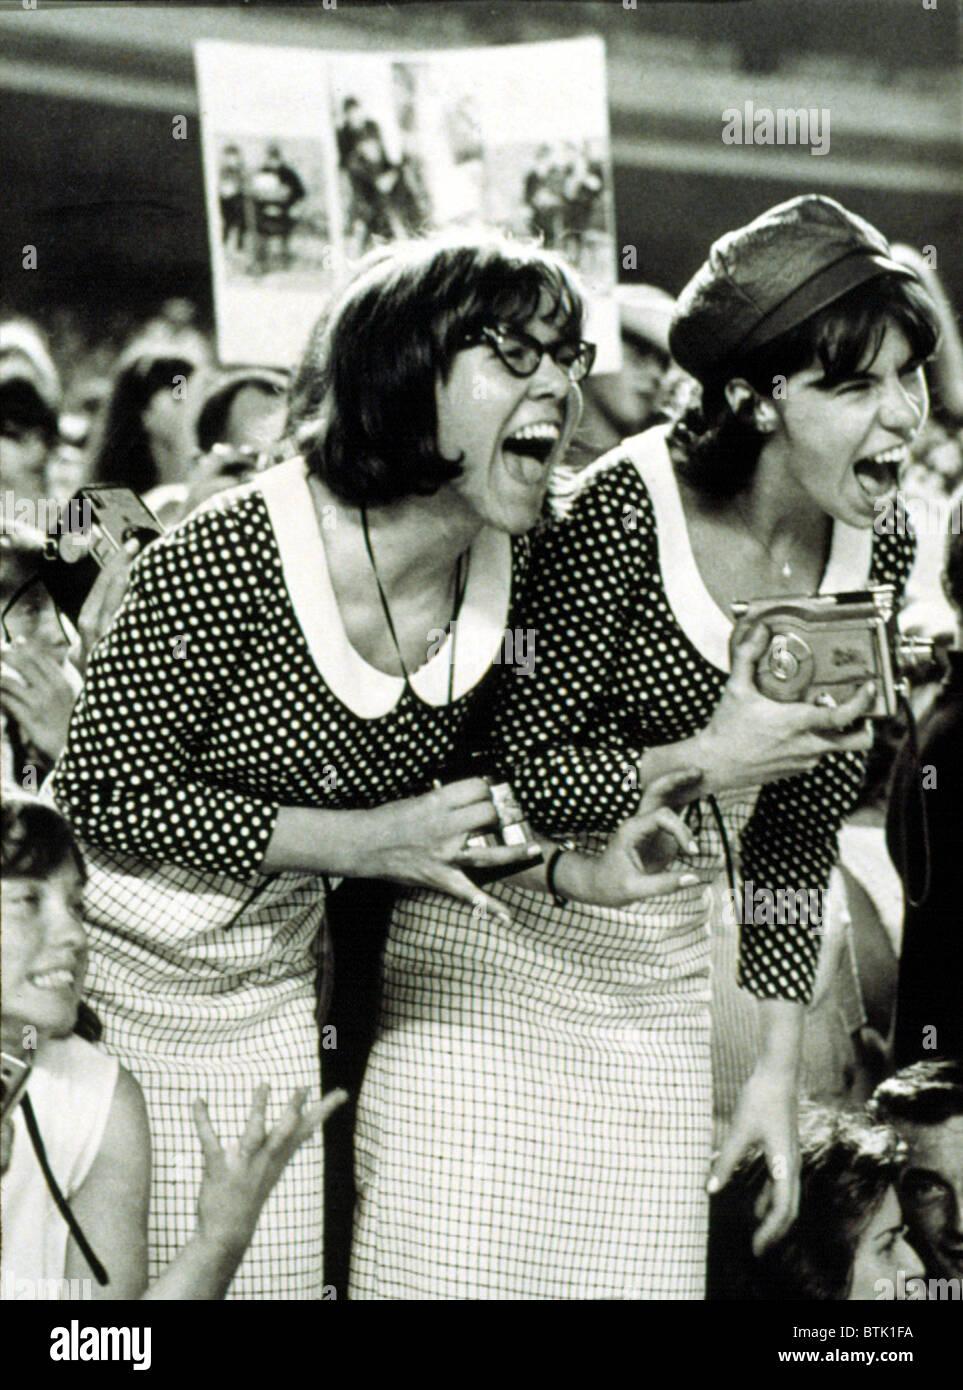 I FAN DEI BEATLES urlare un concerto presso lo Shea Stadium, NY, 8/15/65, la visualizzazione di ciò che è chiamato Foto Stock